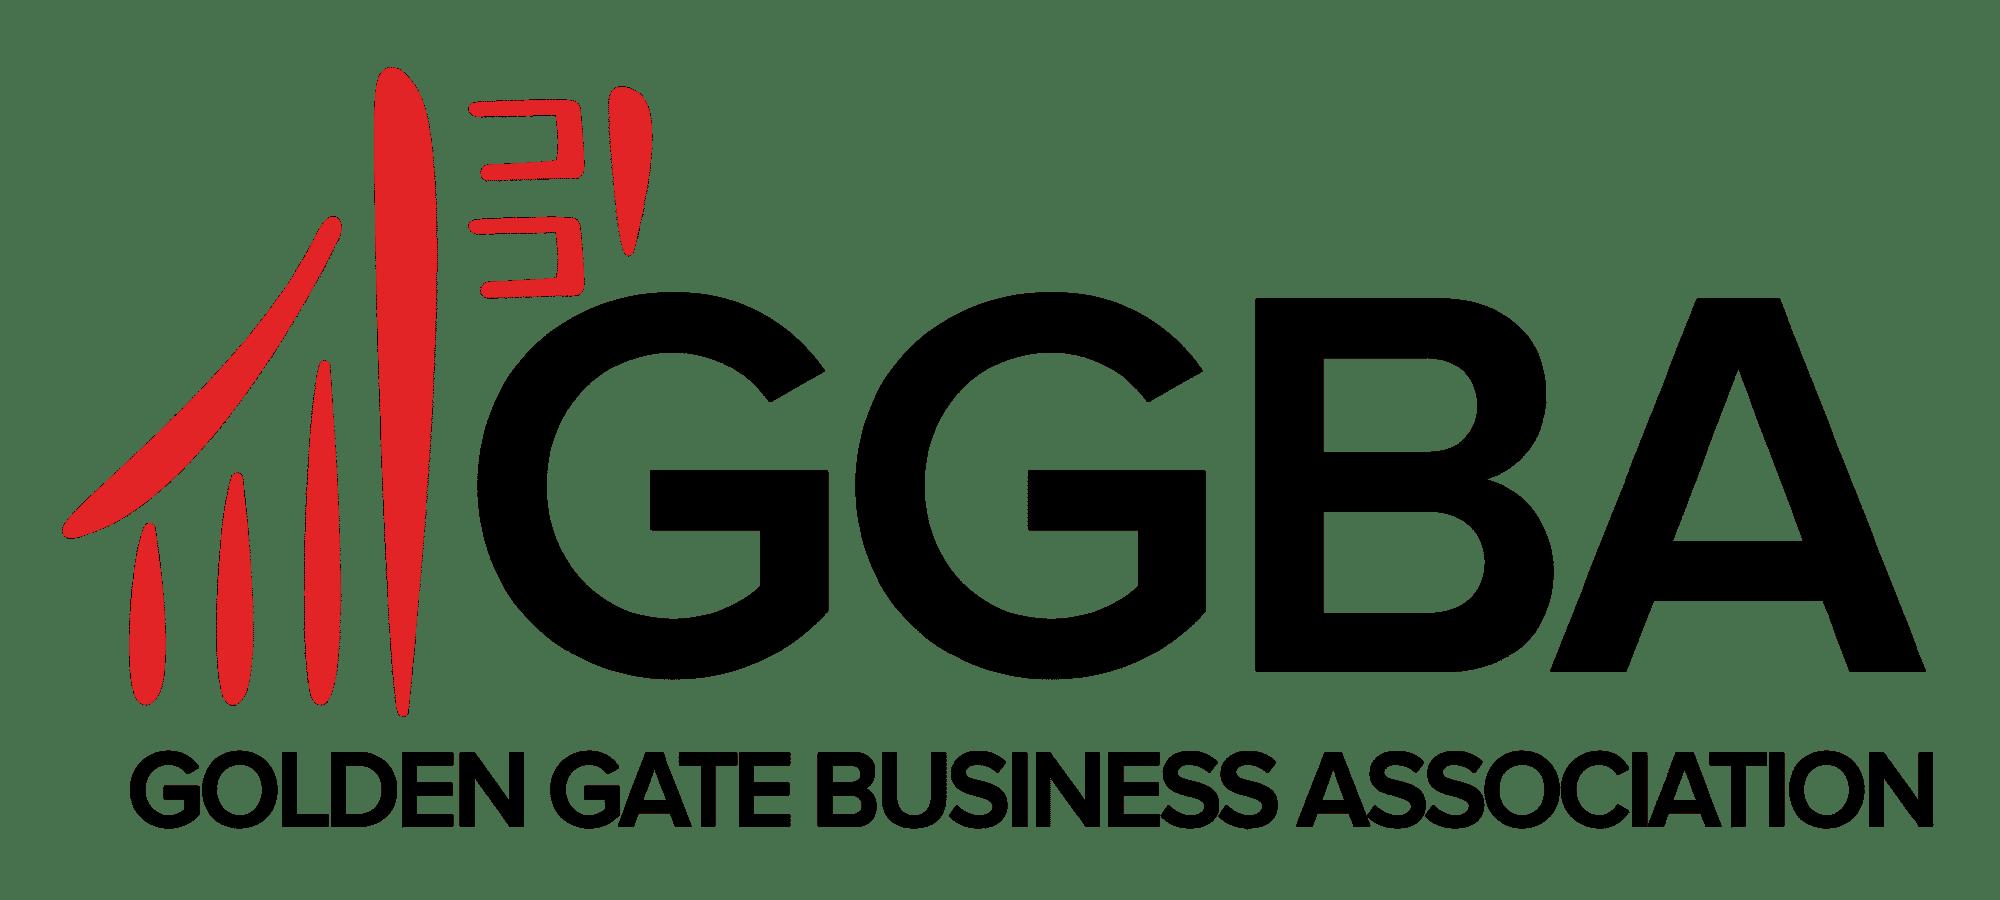 Golden Gate Business Association logo